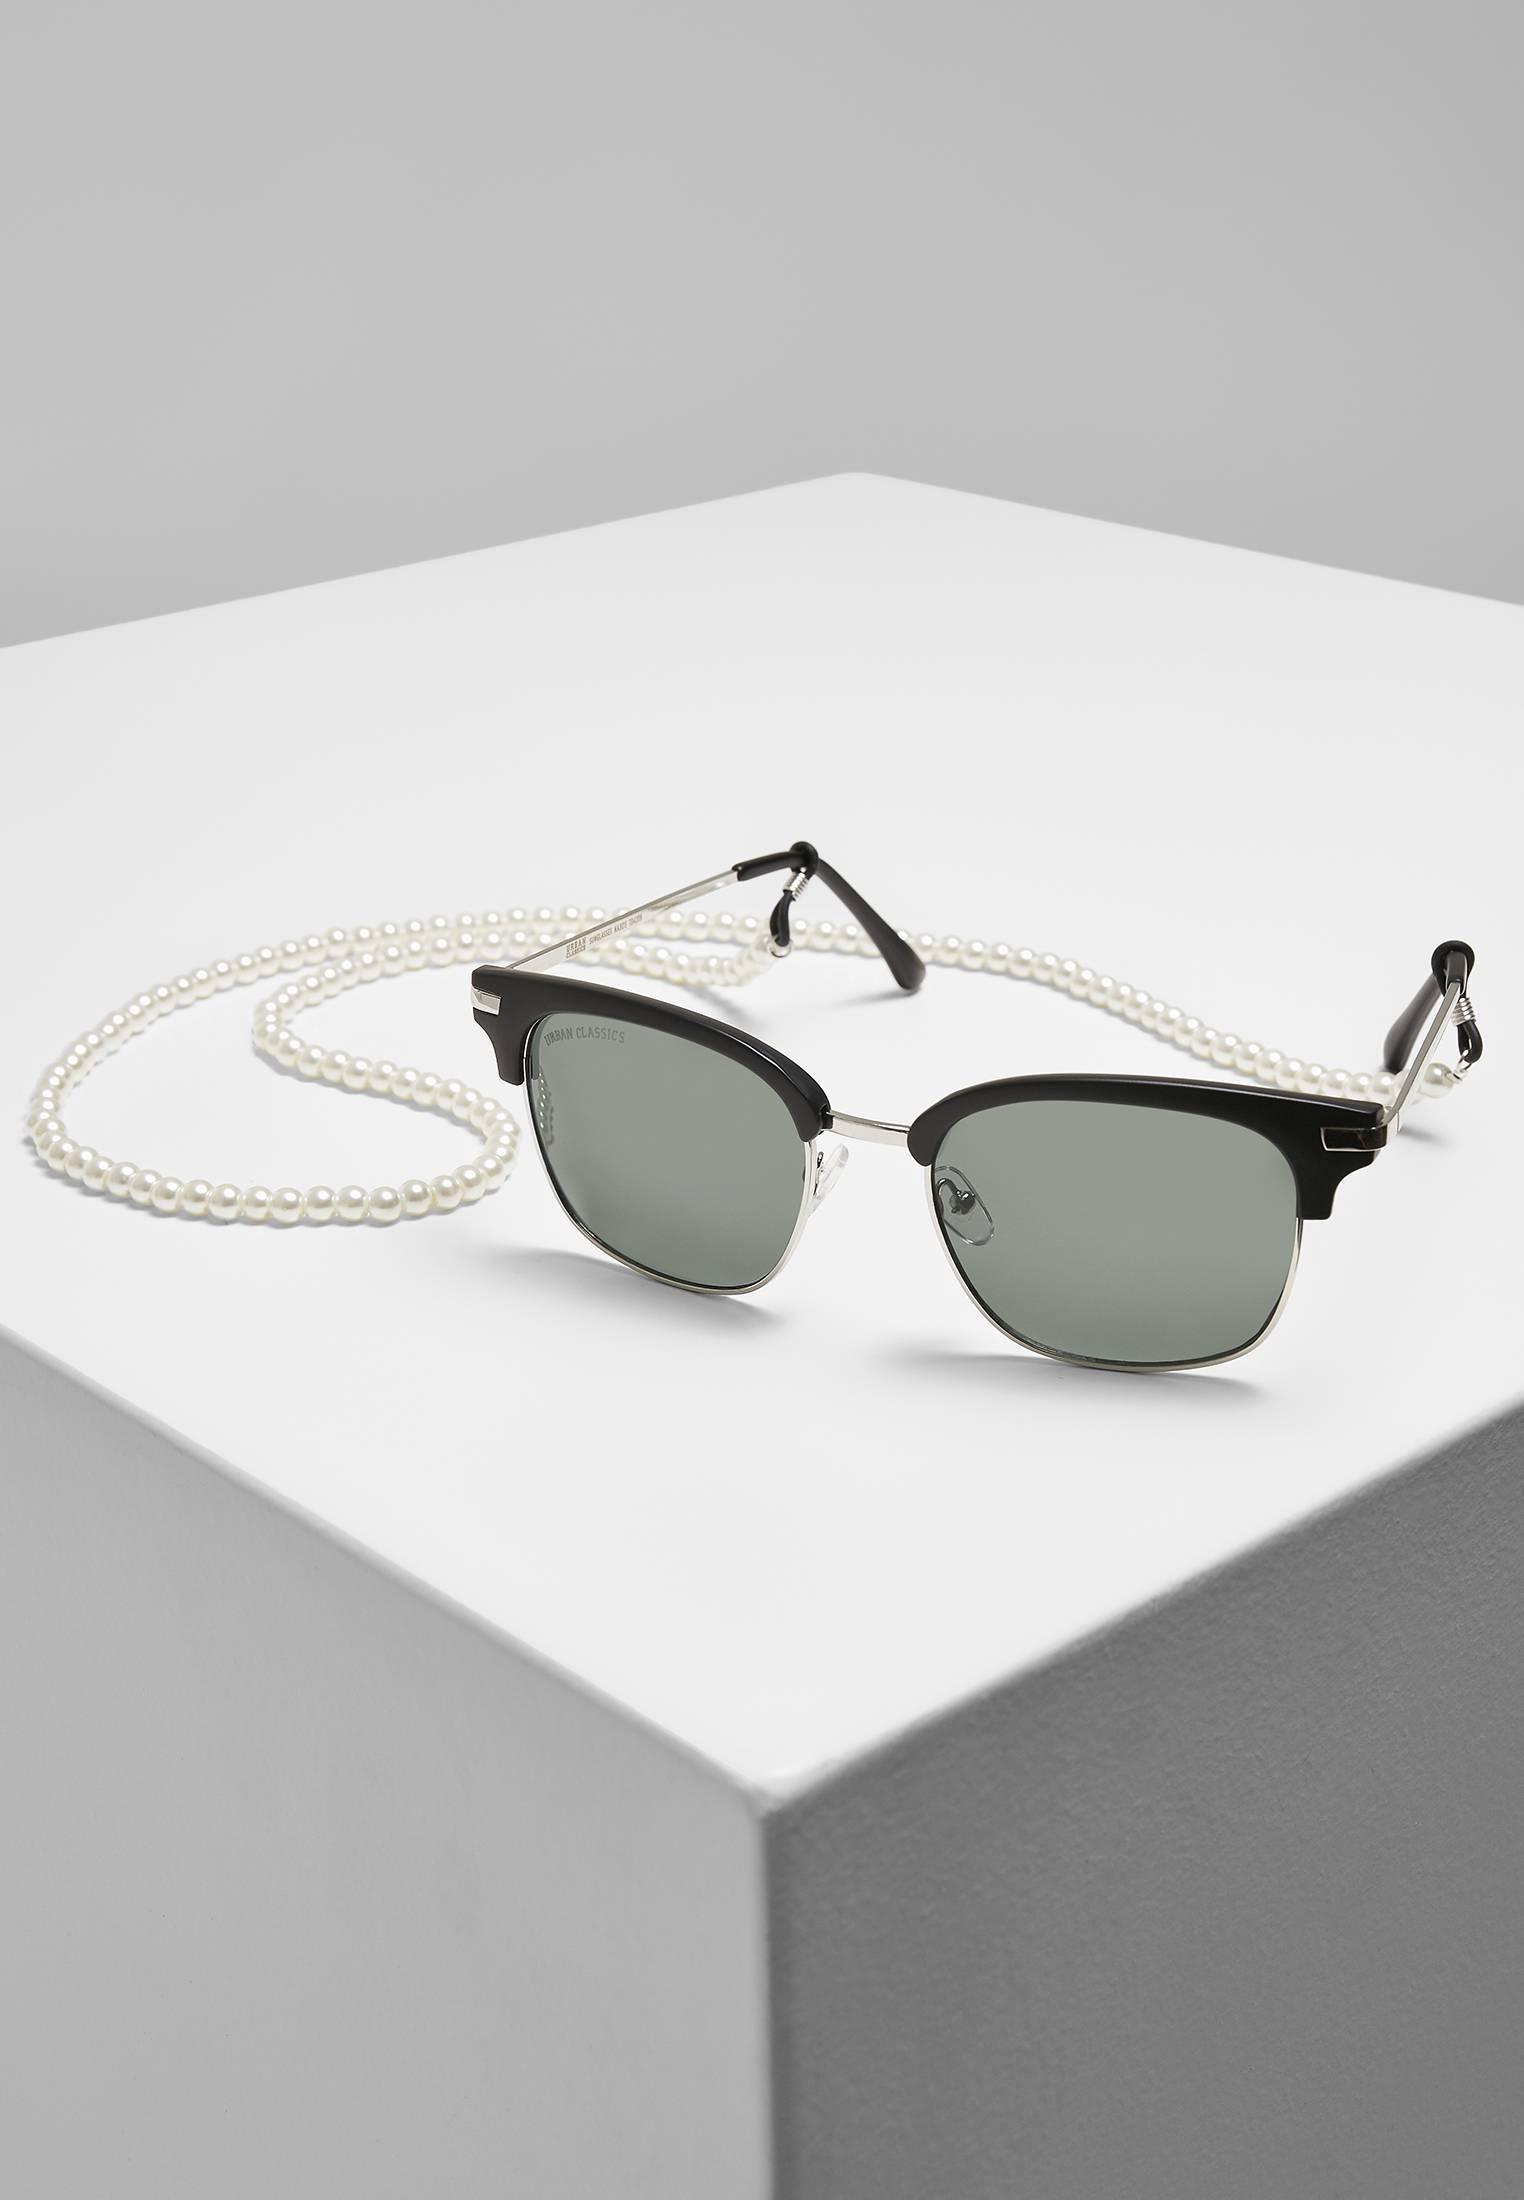 Urban Classics Sunglasses Crete With Chain black/green - One Size